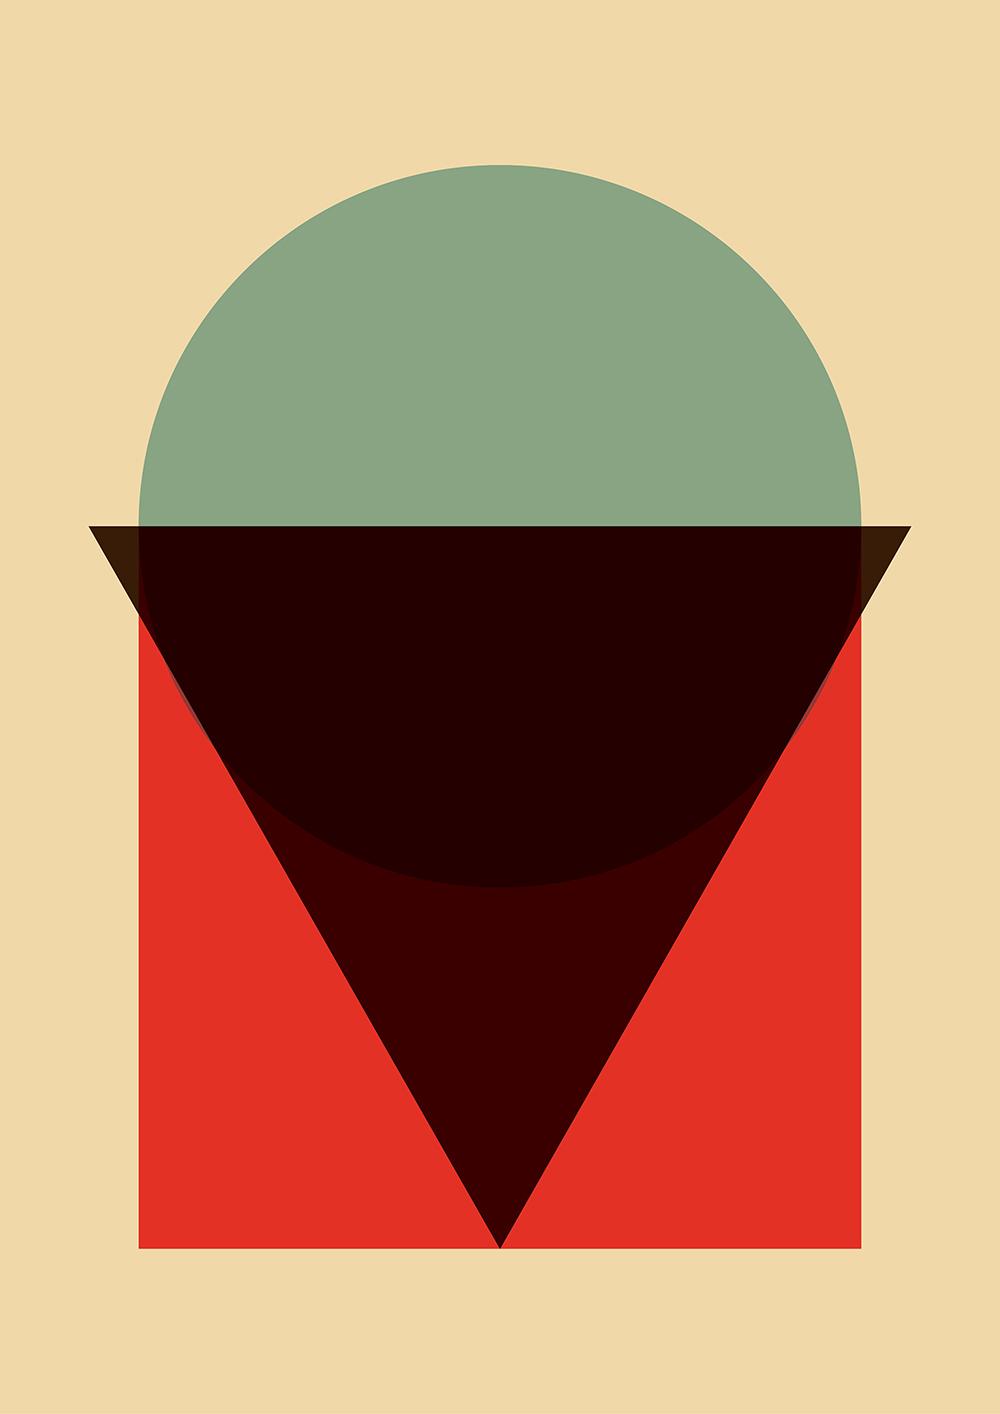 3 Shapes2330.jpg